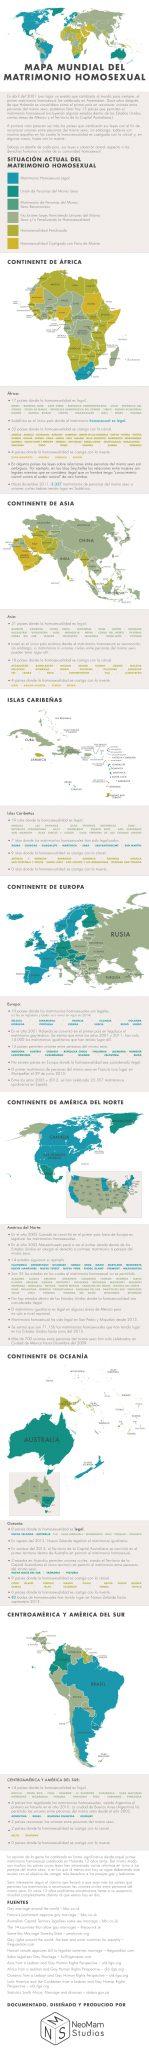 mapa mundial de la homosexualidad